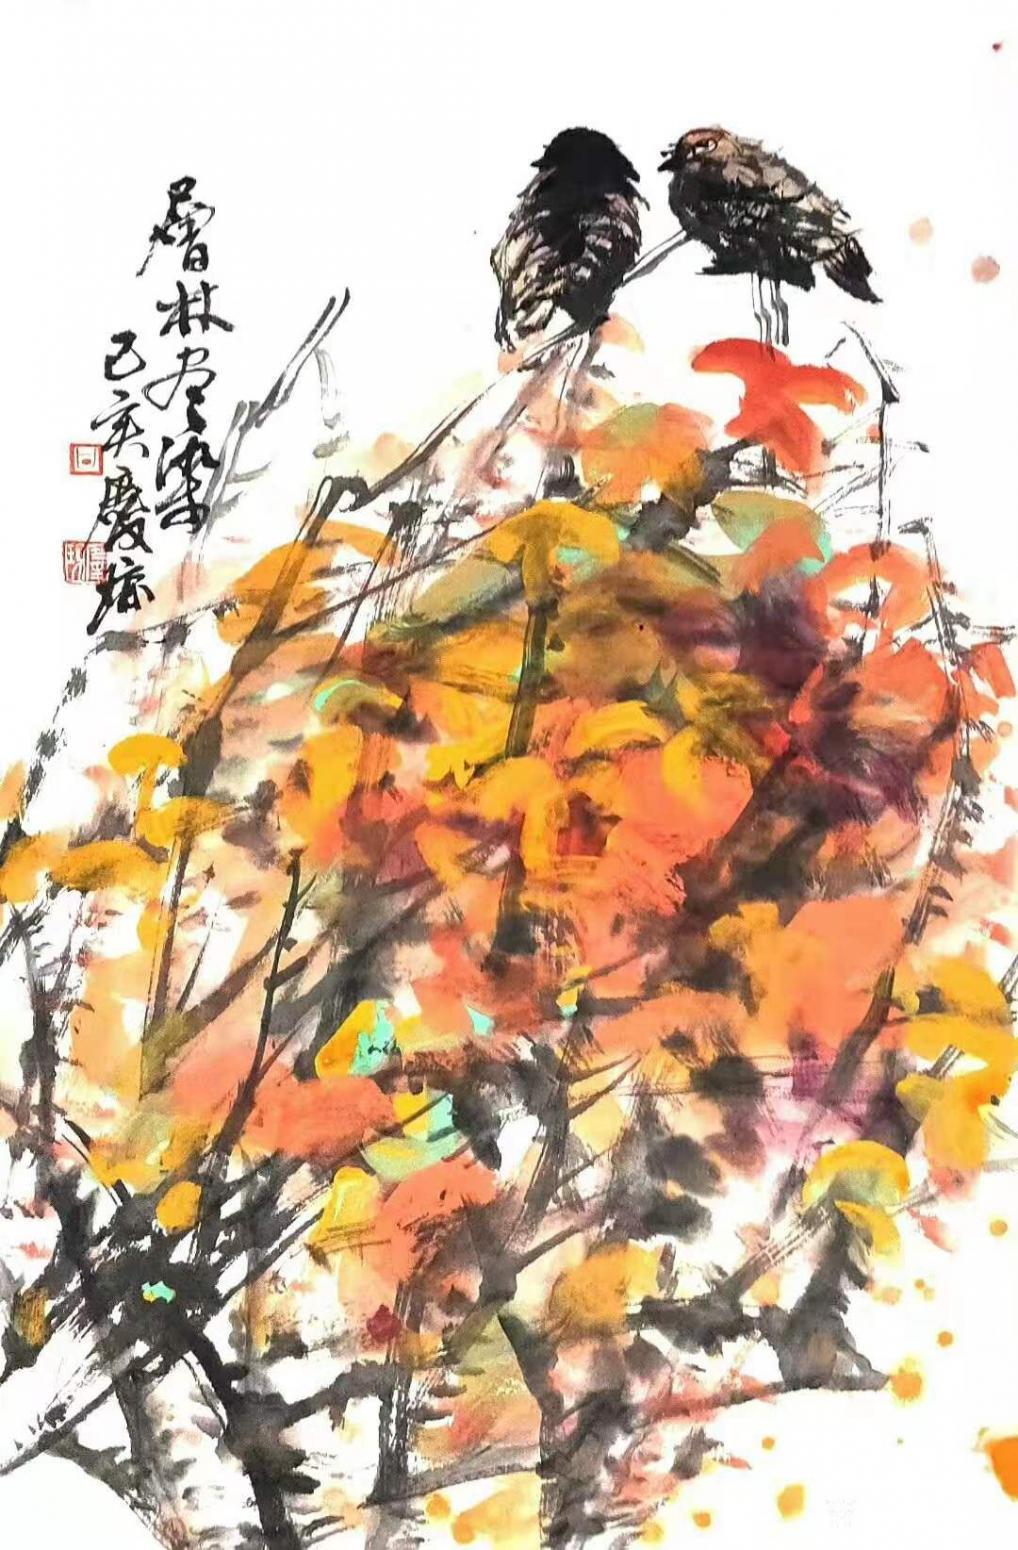 甘庆琼国画作品《花鸟画-层林尽染》【图0】